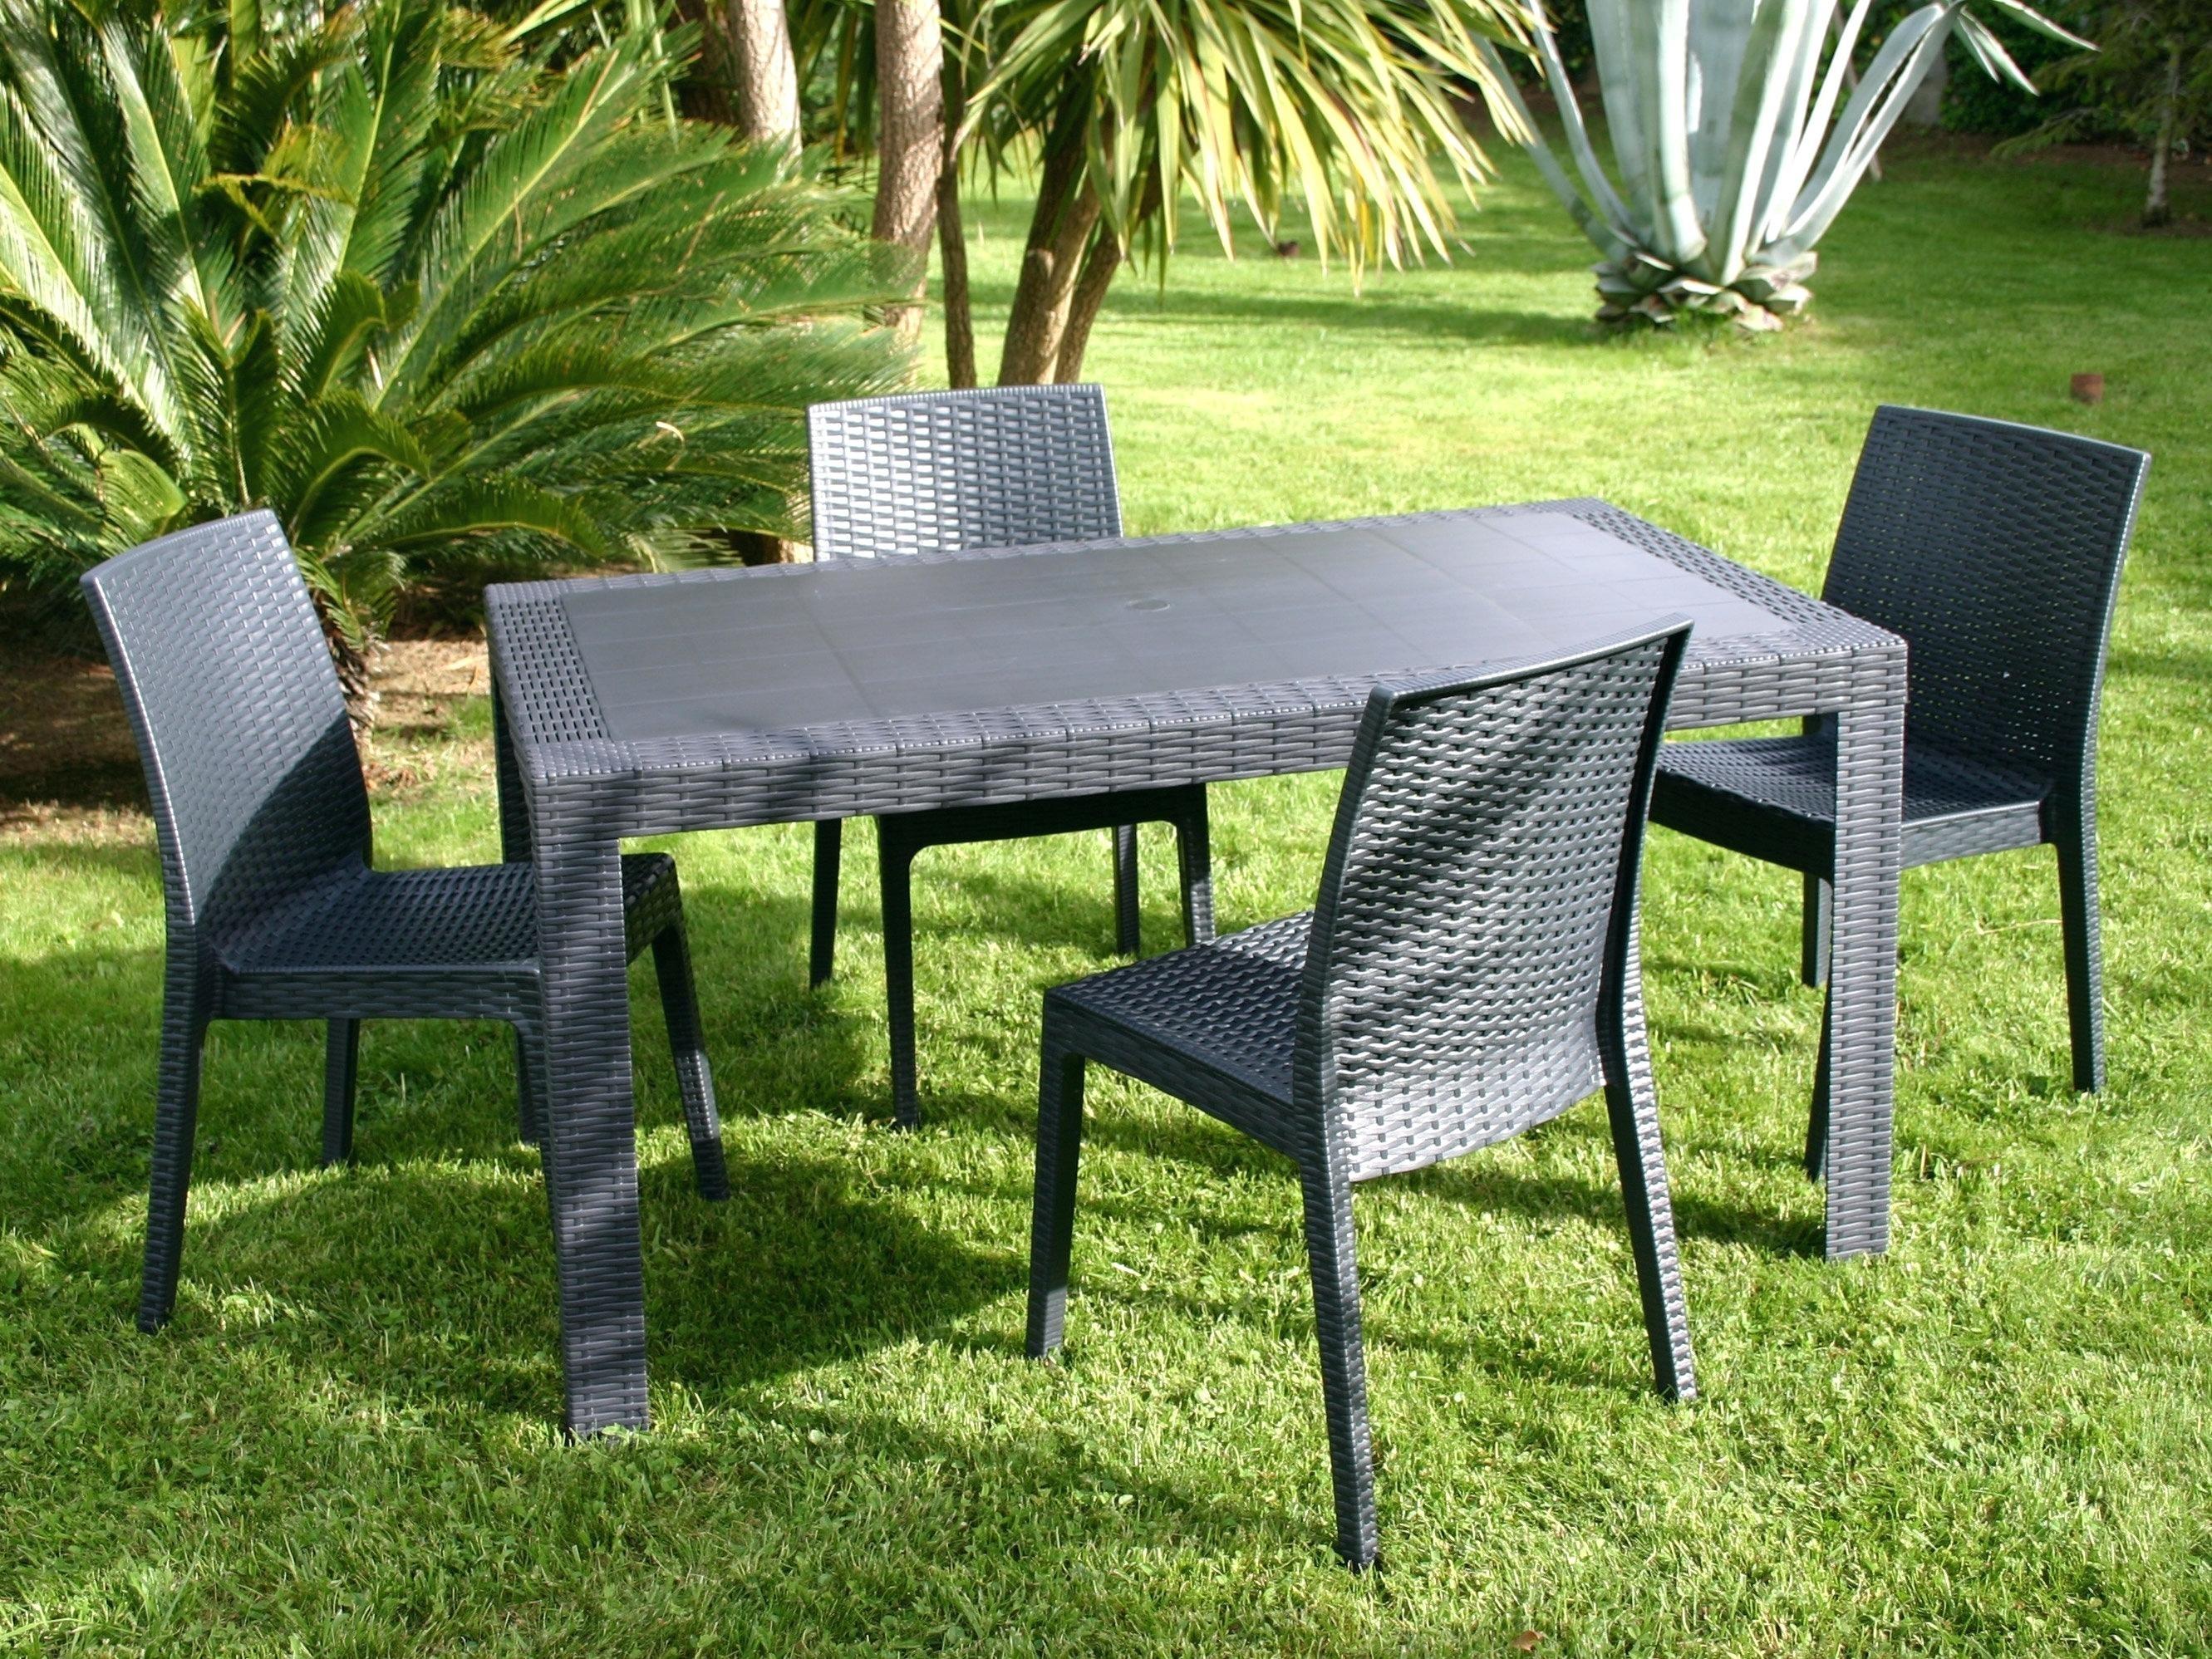 Petite Table Pliante Gifi Inspirant Stock Petite Table De Jardin Gifi Plus Luxe Moderne Meilleur De De Table